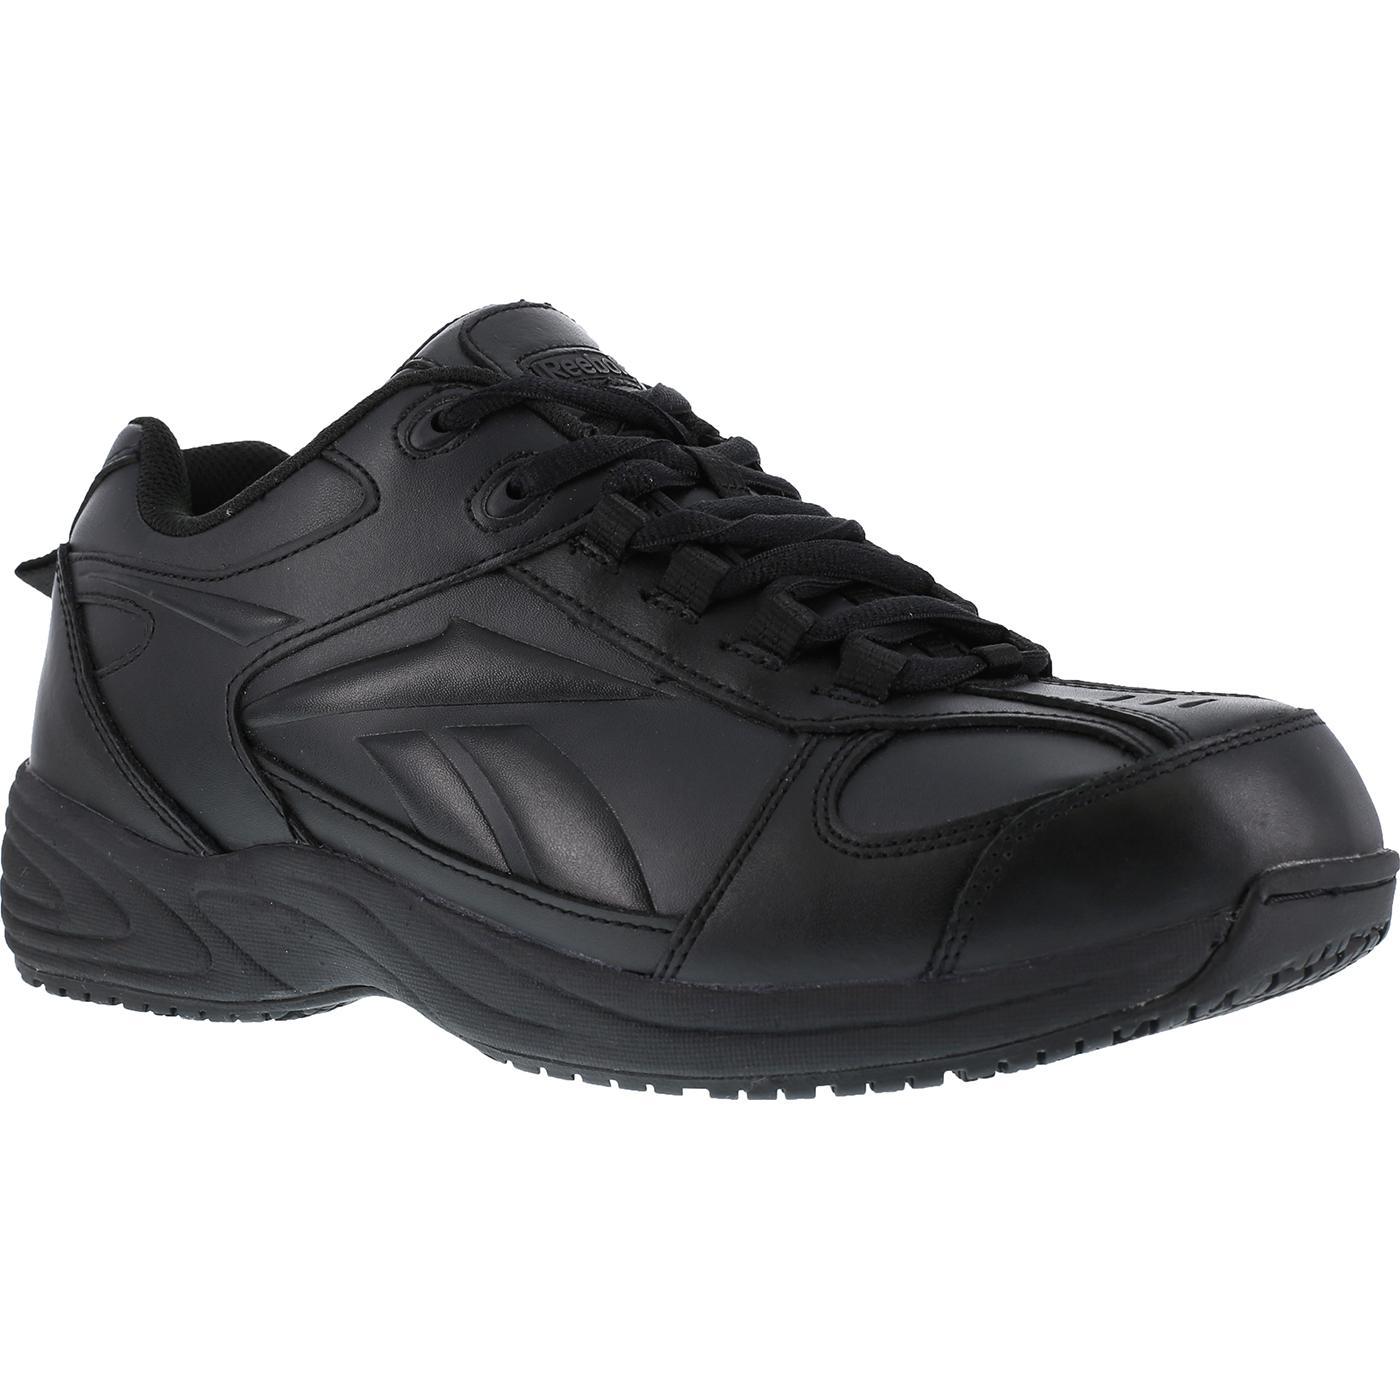 51ae18957d33d0 Reebok Jorie Slip-Resistant Work Athletic ShoeReebok Jorie Slip-Resistant Work  Athletic Shoe